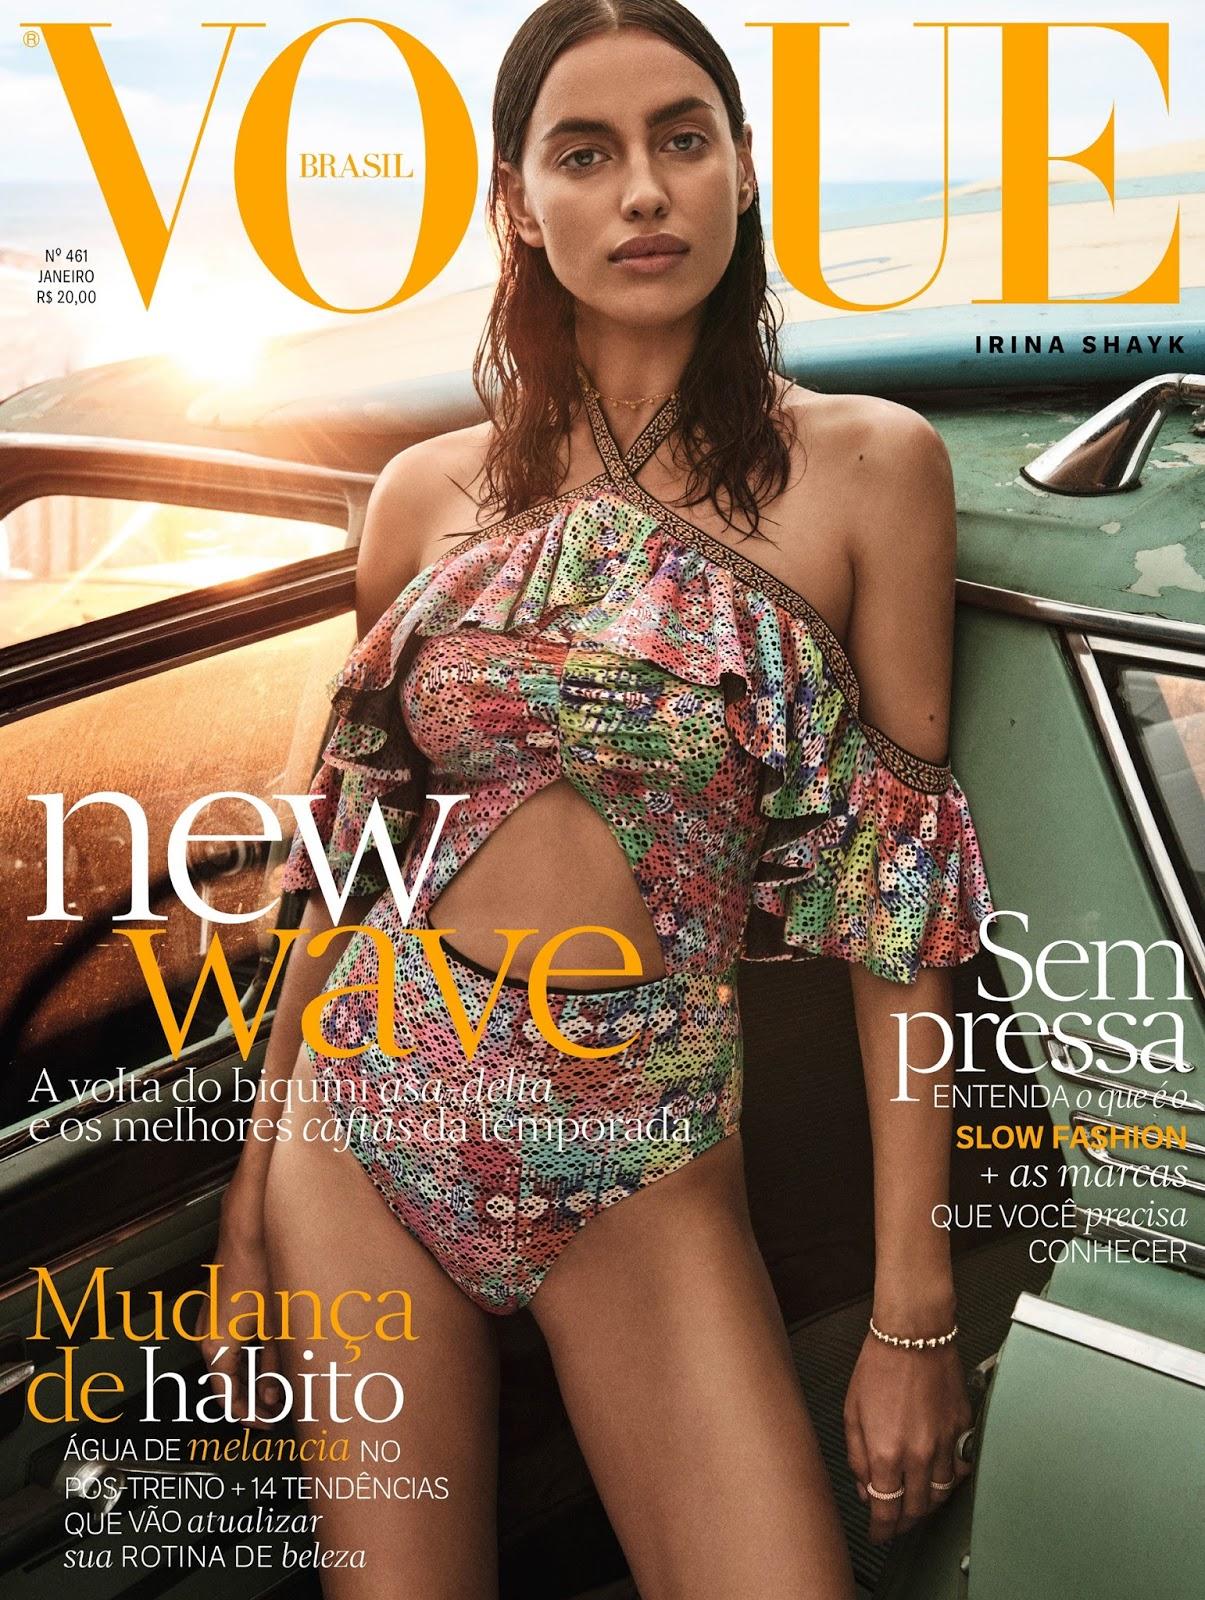 b13fa73054d40 Vogue s Covers  Vogue Brazil